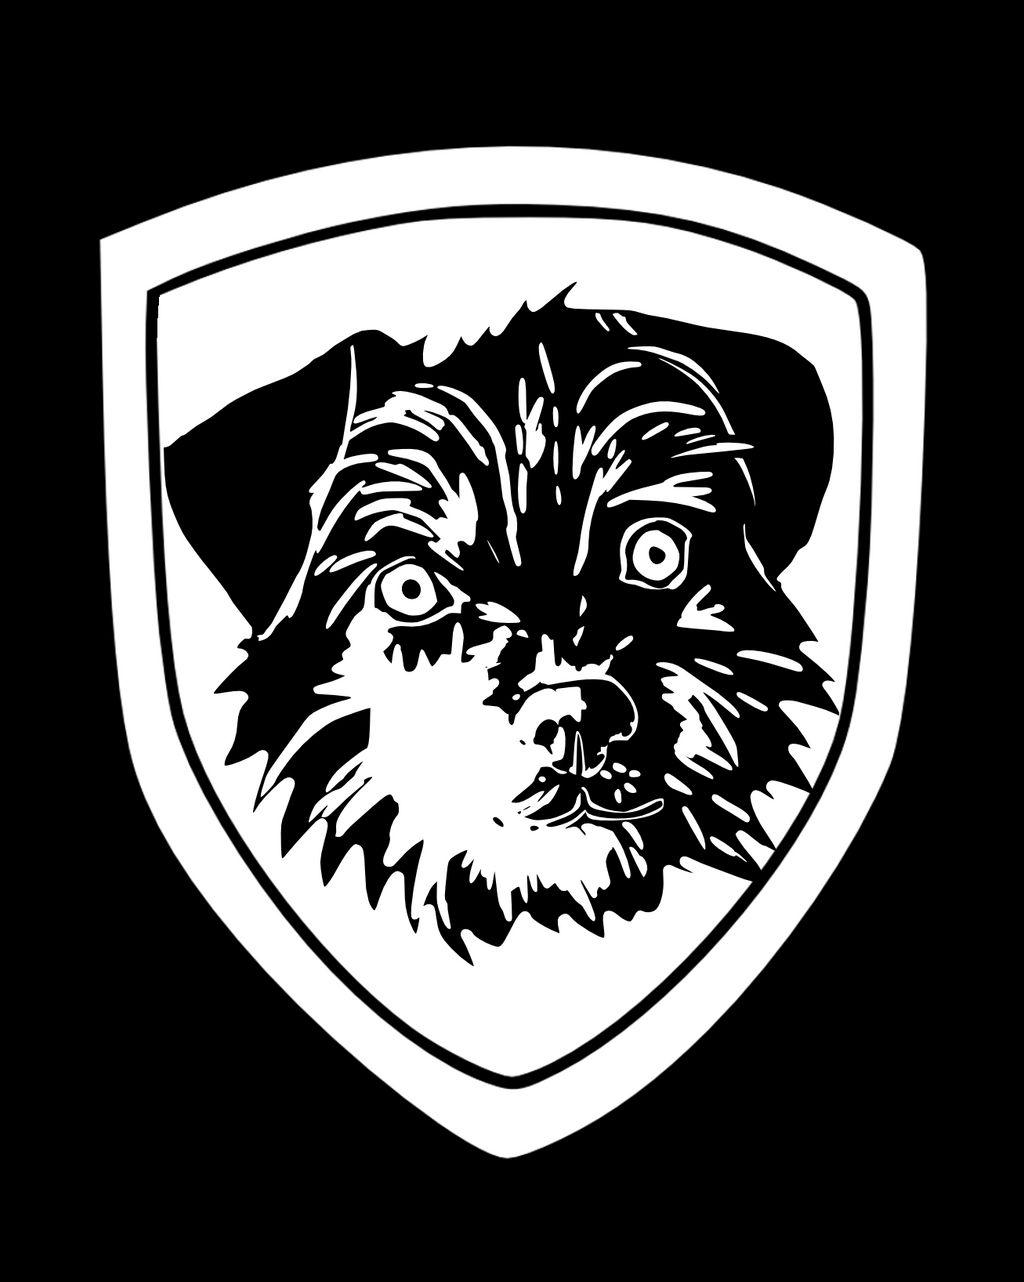 Kira logo by eugeal